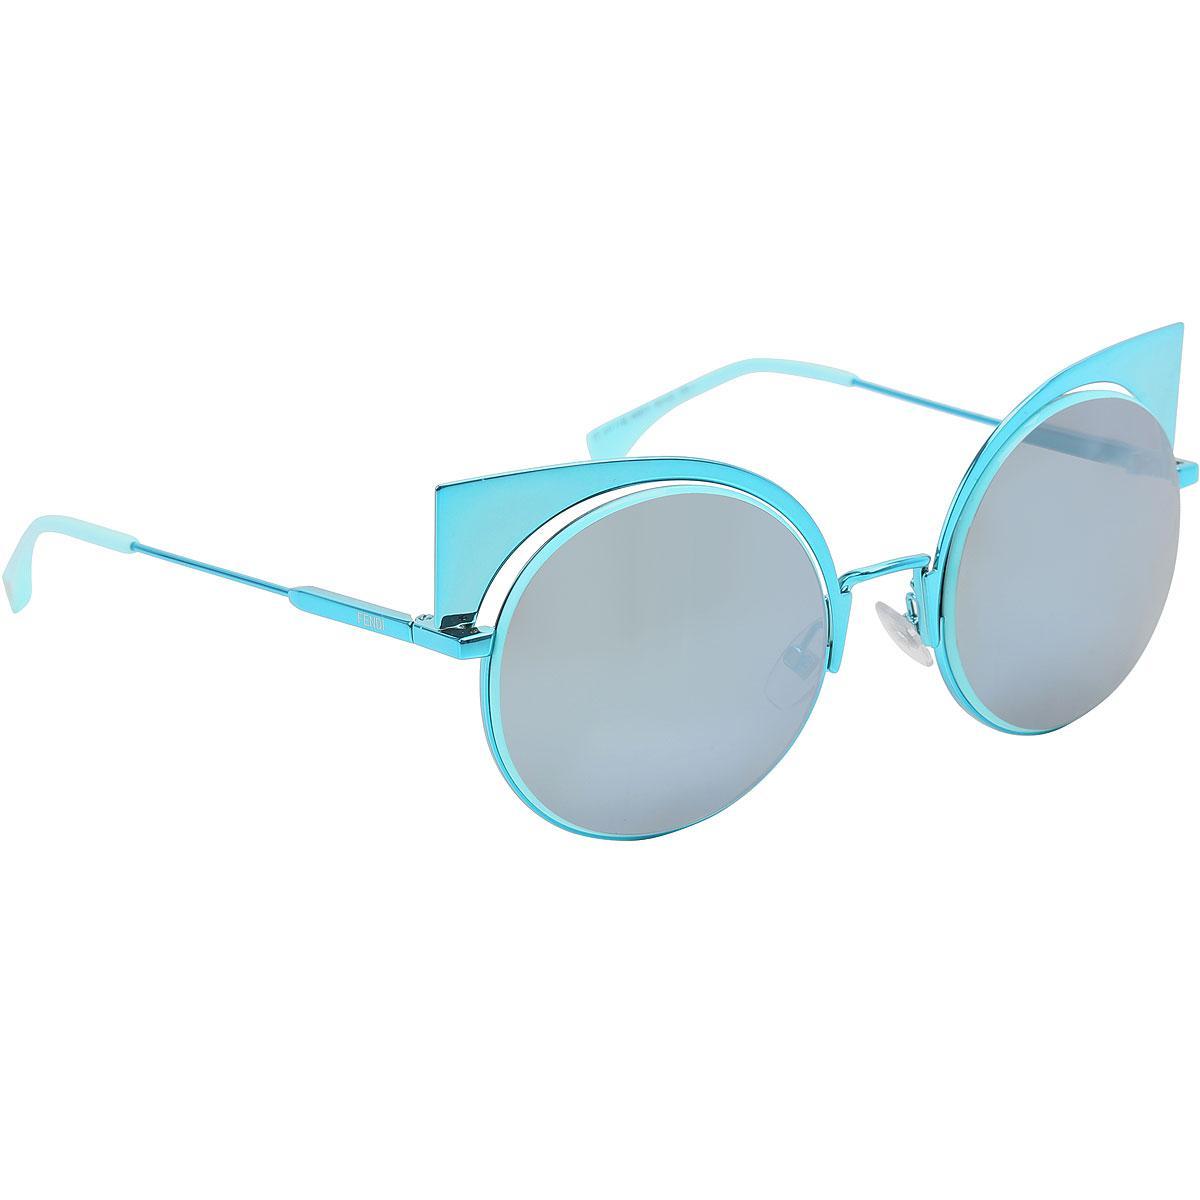 76a77120b8 Fendi - Blue Gafas y Lentes de Sol Baratos en Rebajas - Lyst. Ver en  pantalla completa